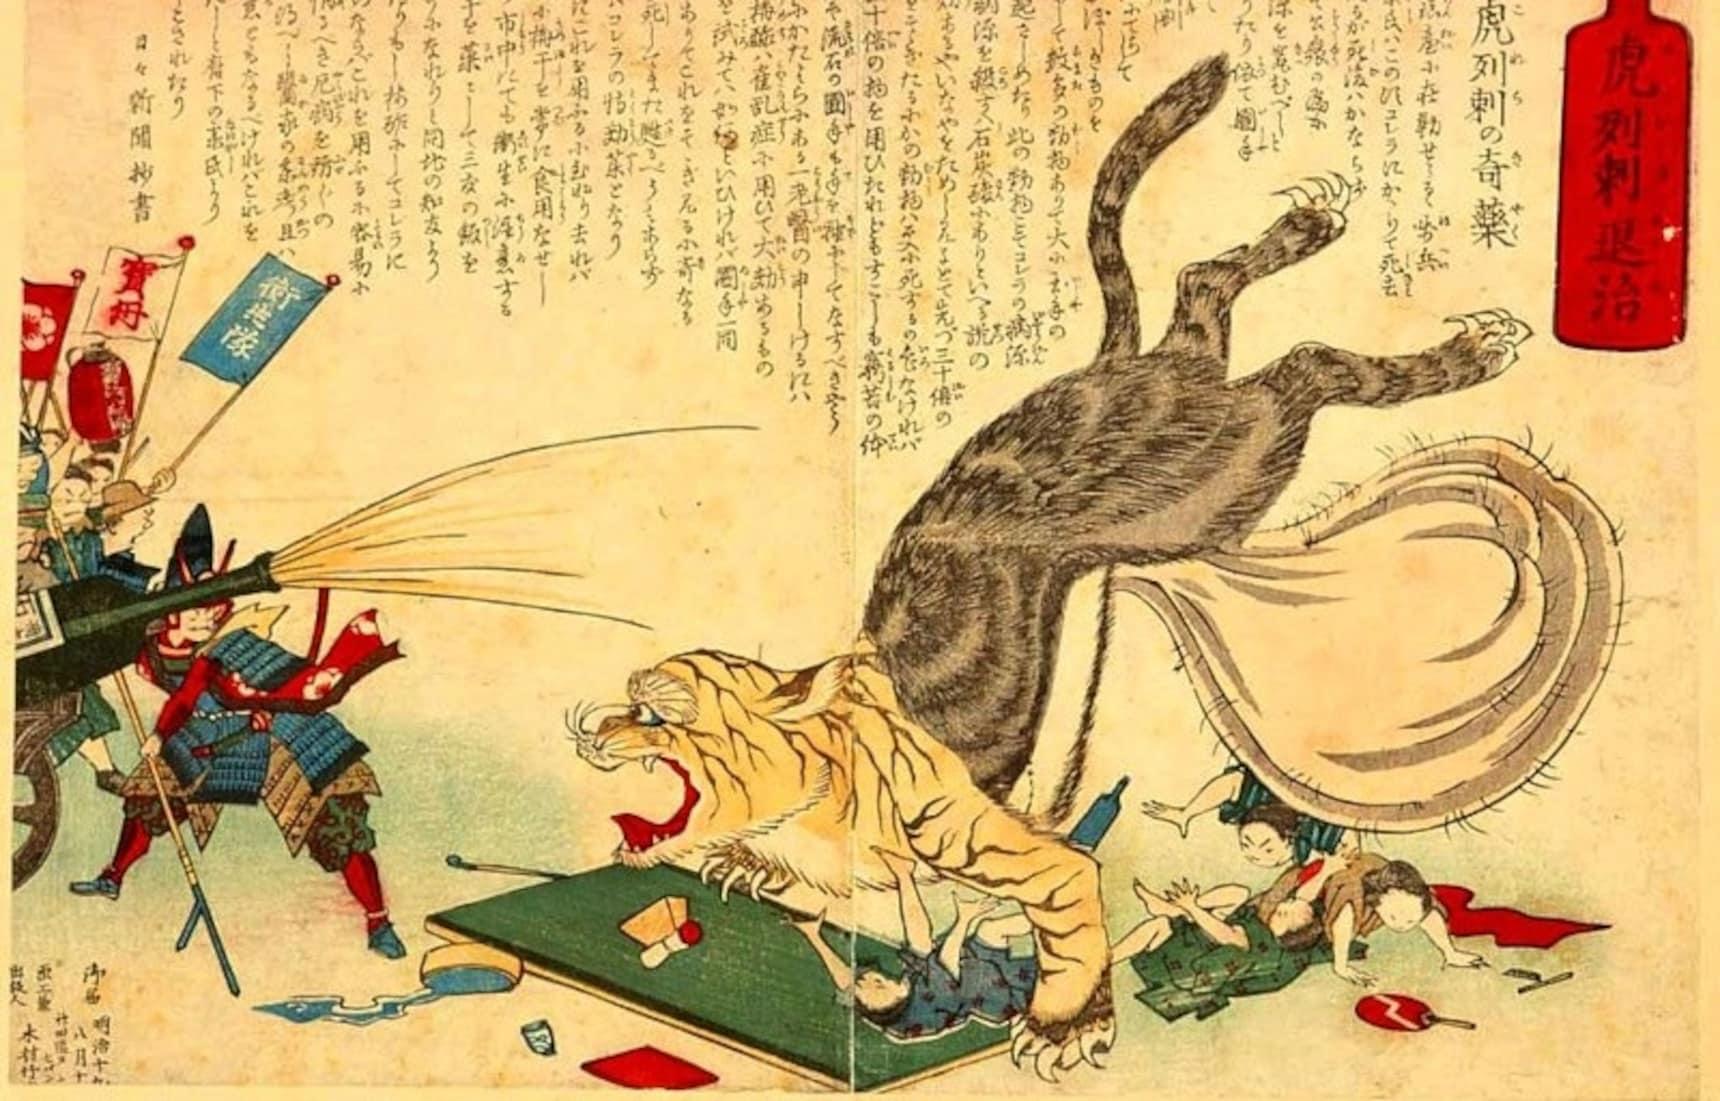 從新冠病毒(COVID-19)看日本史上的流行傳染疾病